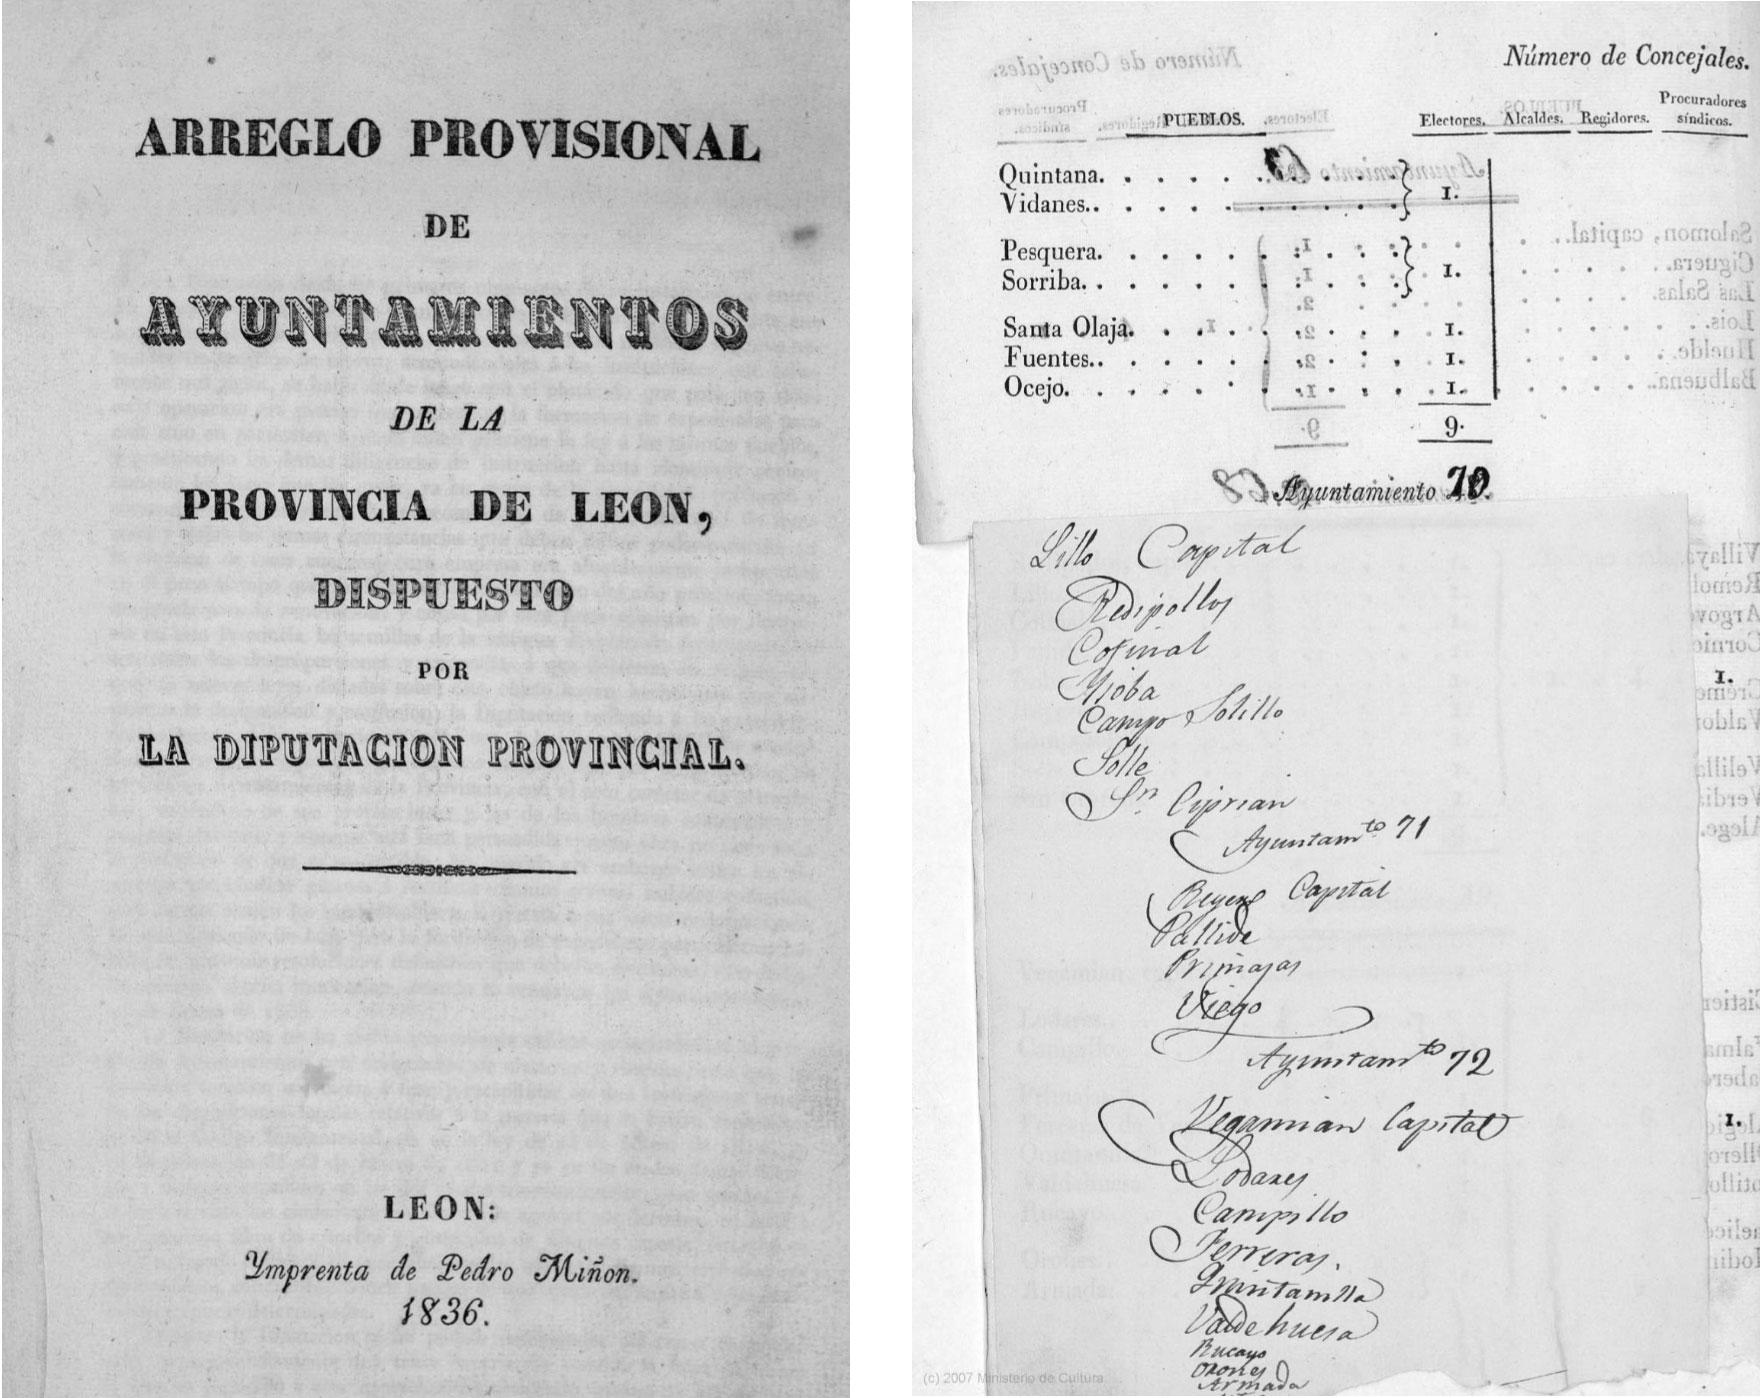 Boletín oficial de la provincia de León, 1836.Biblioteca Regional Mariano Domínguez Berrueta.